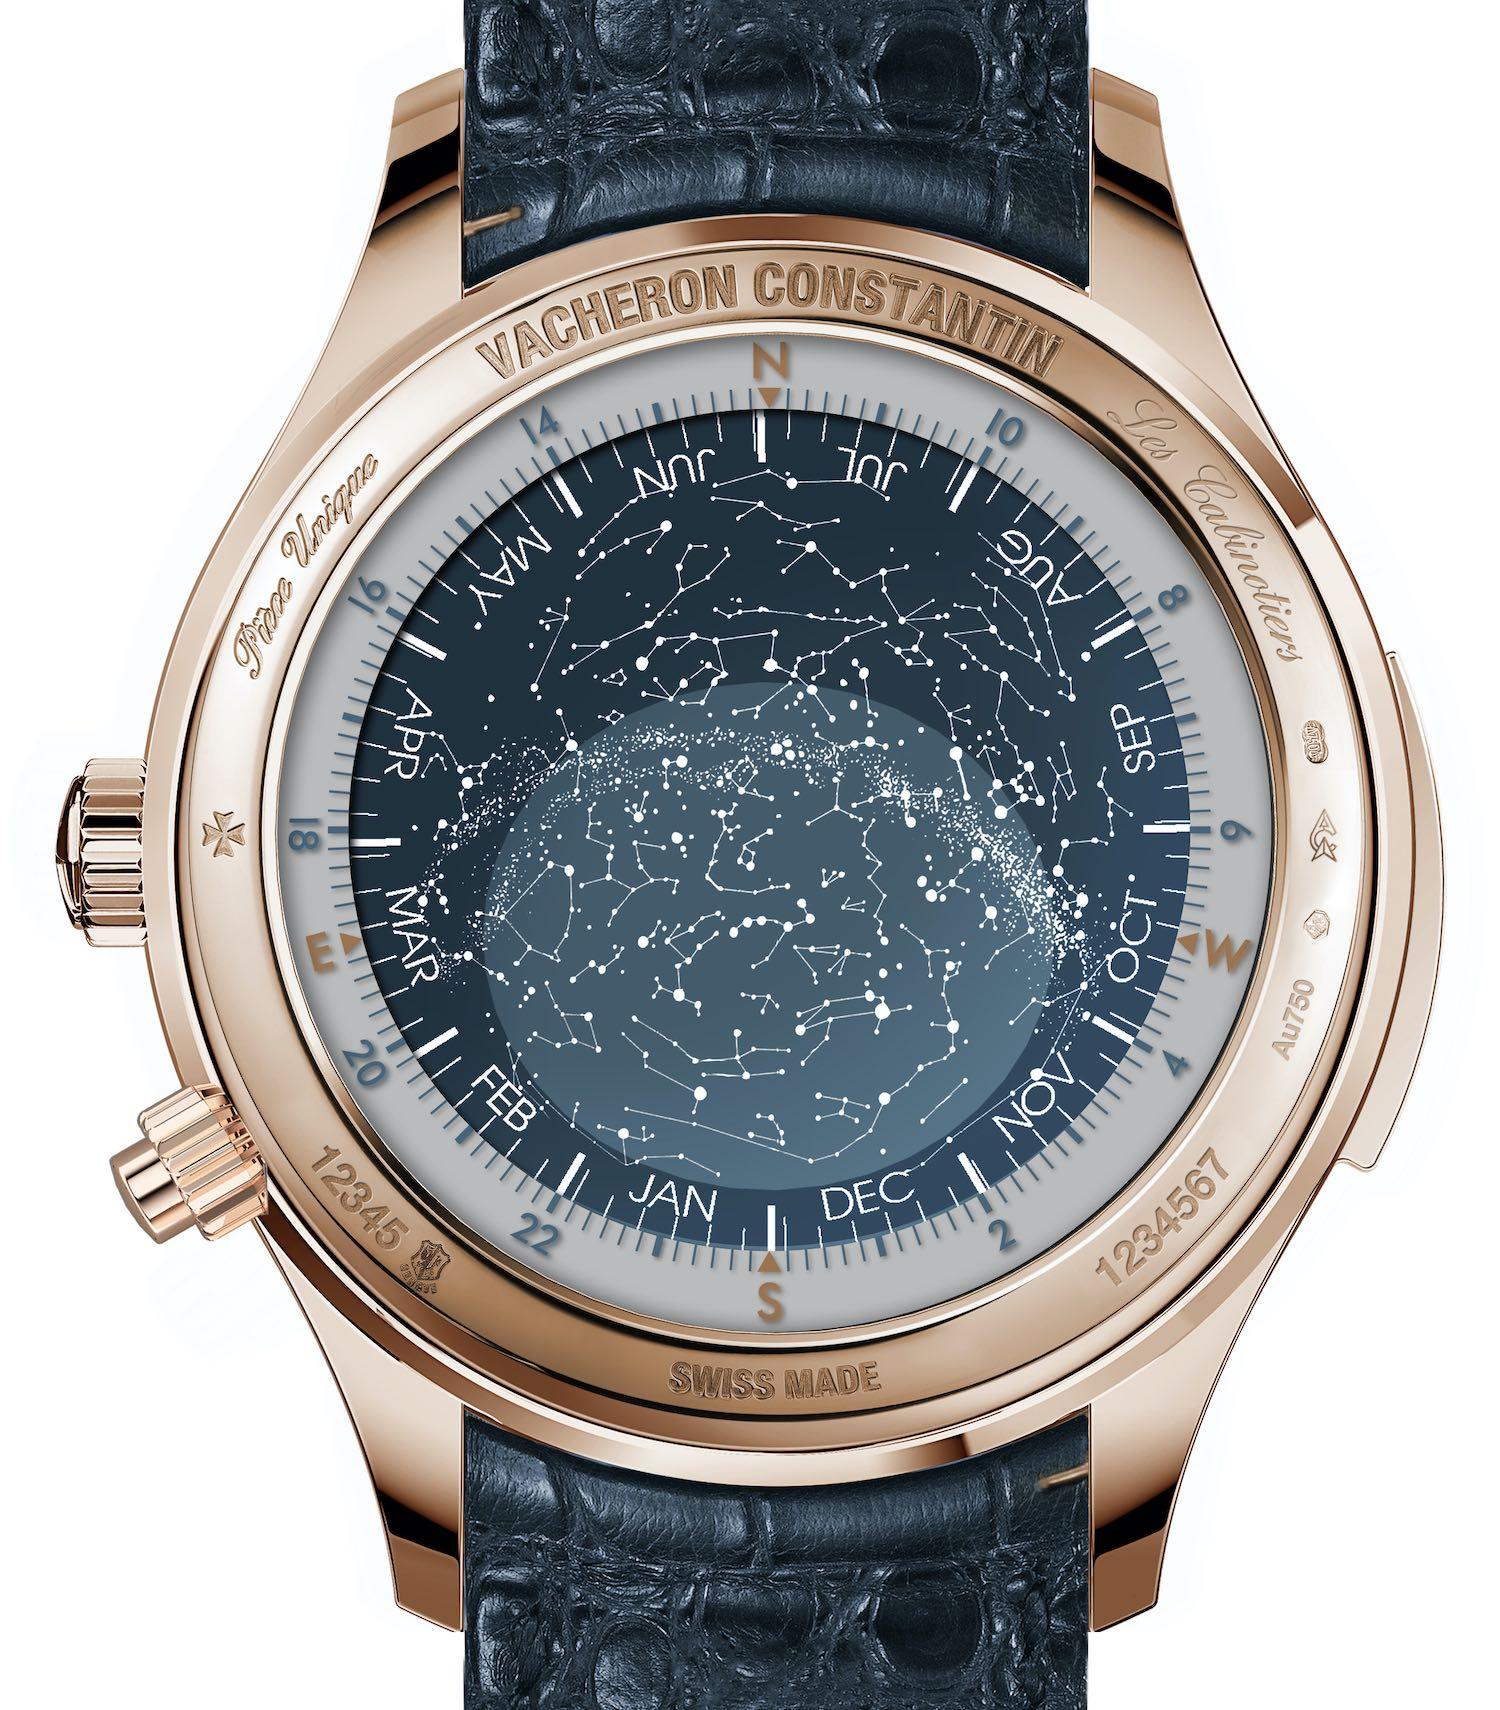 Vacheron Constantin Les Cabinotiers La Musique du Temps Minute repeater tourbillon sky chart